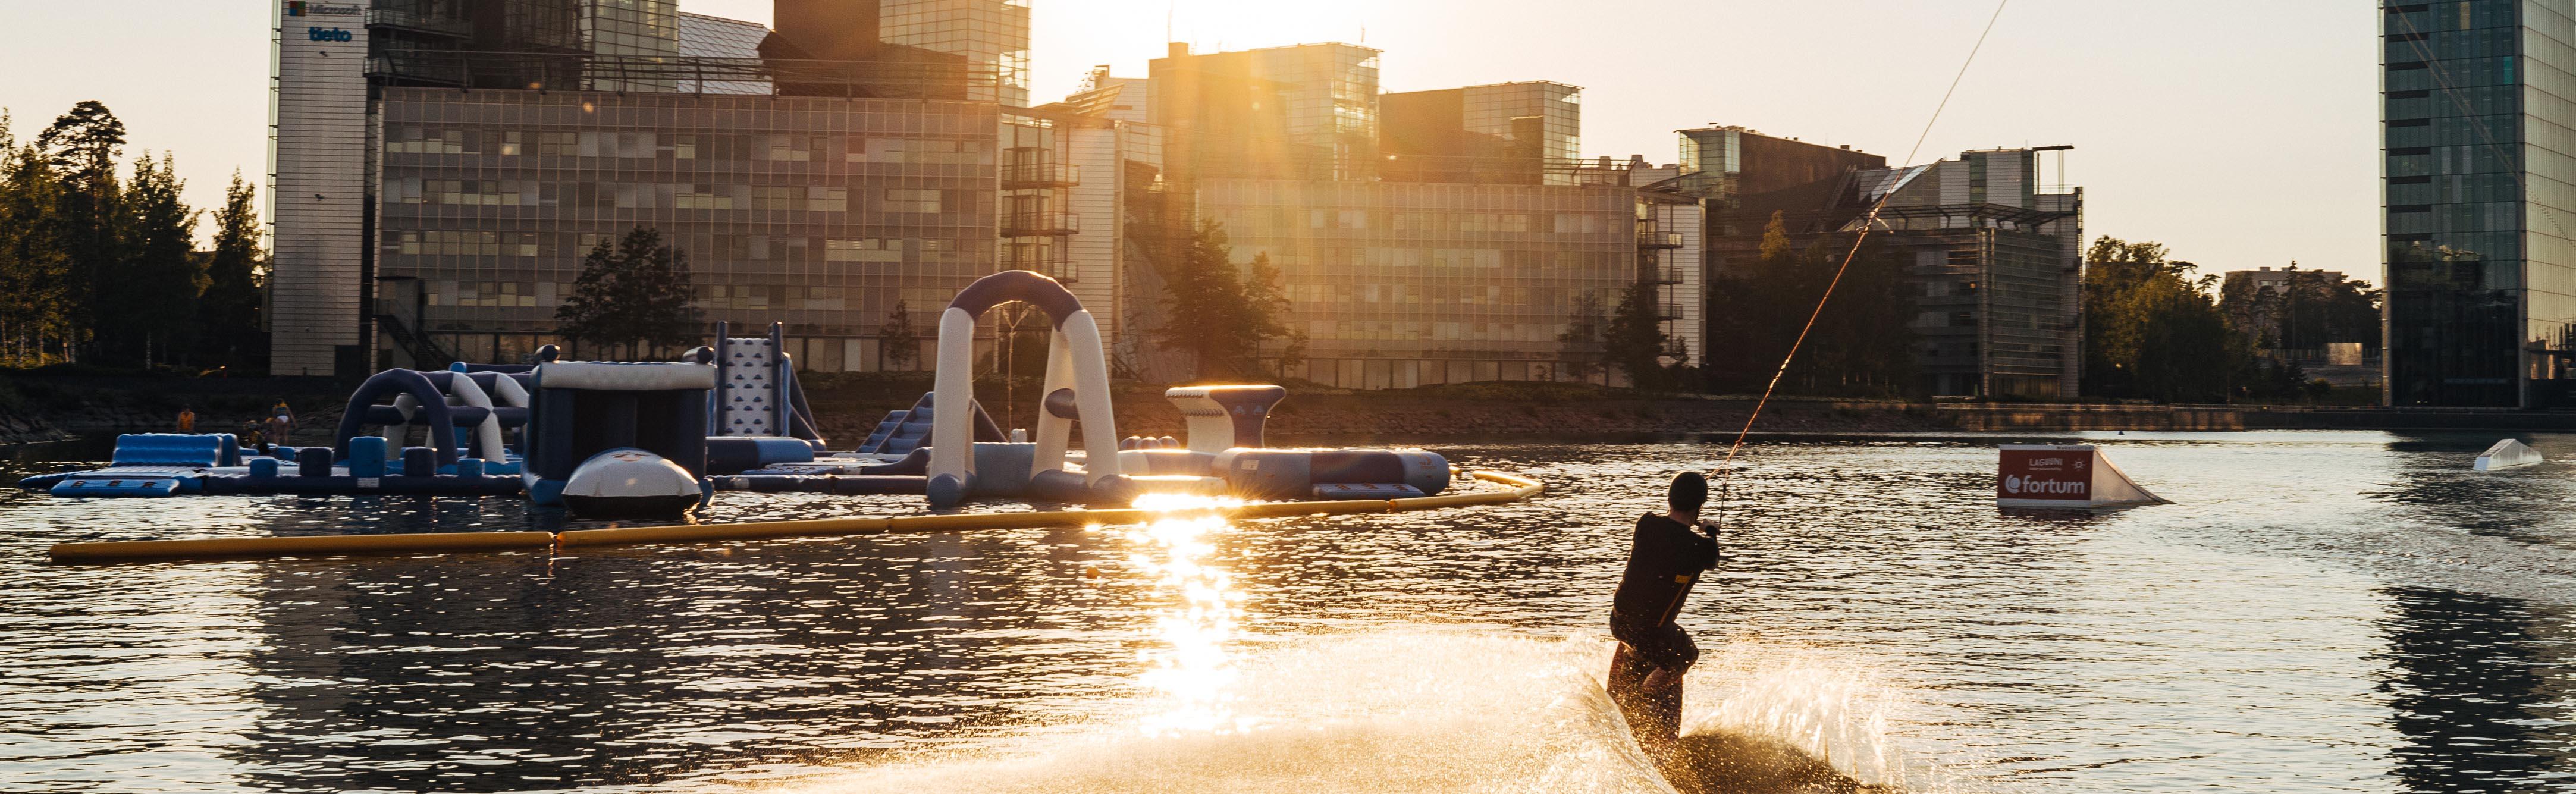 Henkilö wakeboardaa merellä, Keilaniemen edustalla kesäiltana auringon laskiessa.